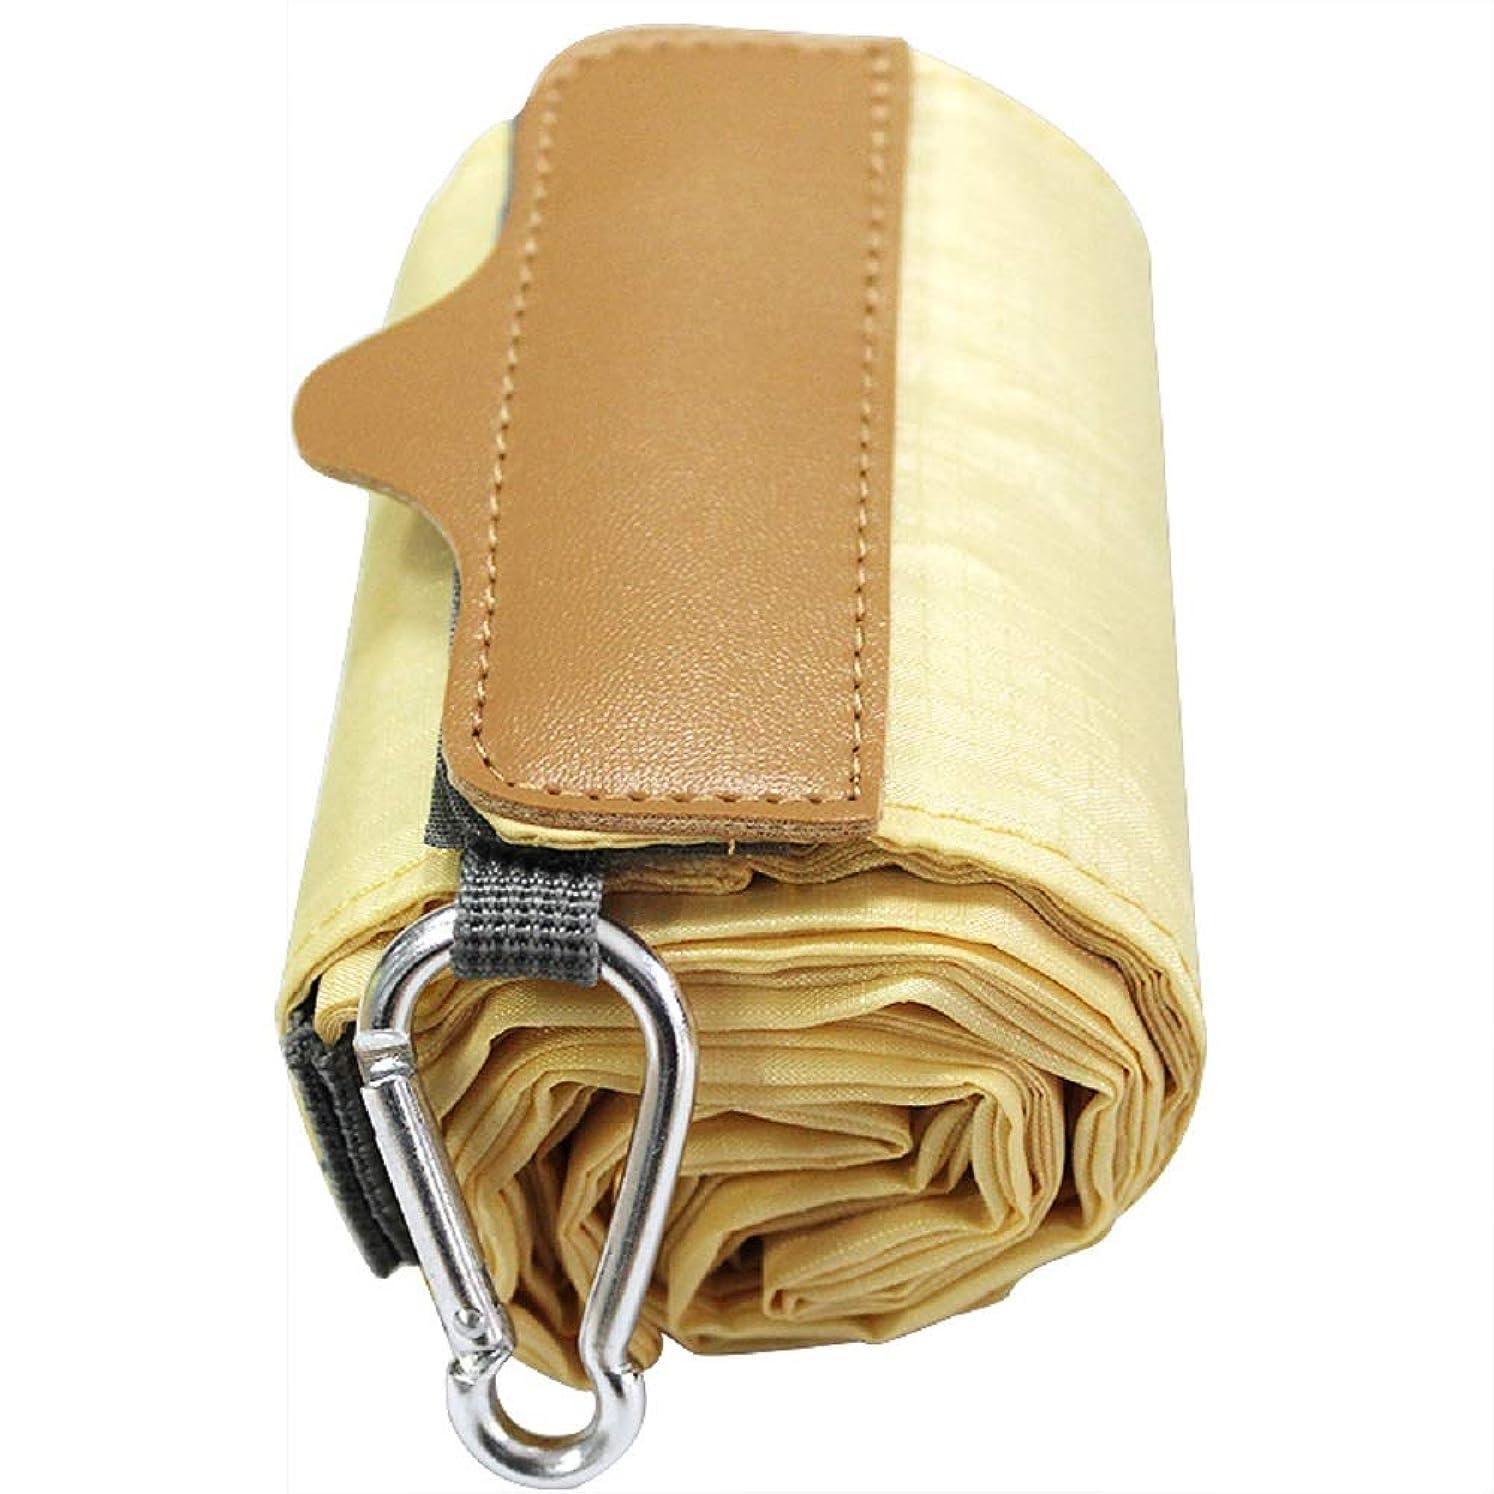 建築大臣逆エコバック 折りたたみ買い物袋 防水素材 ショッピングバッグ レジバッグパック